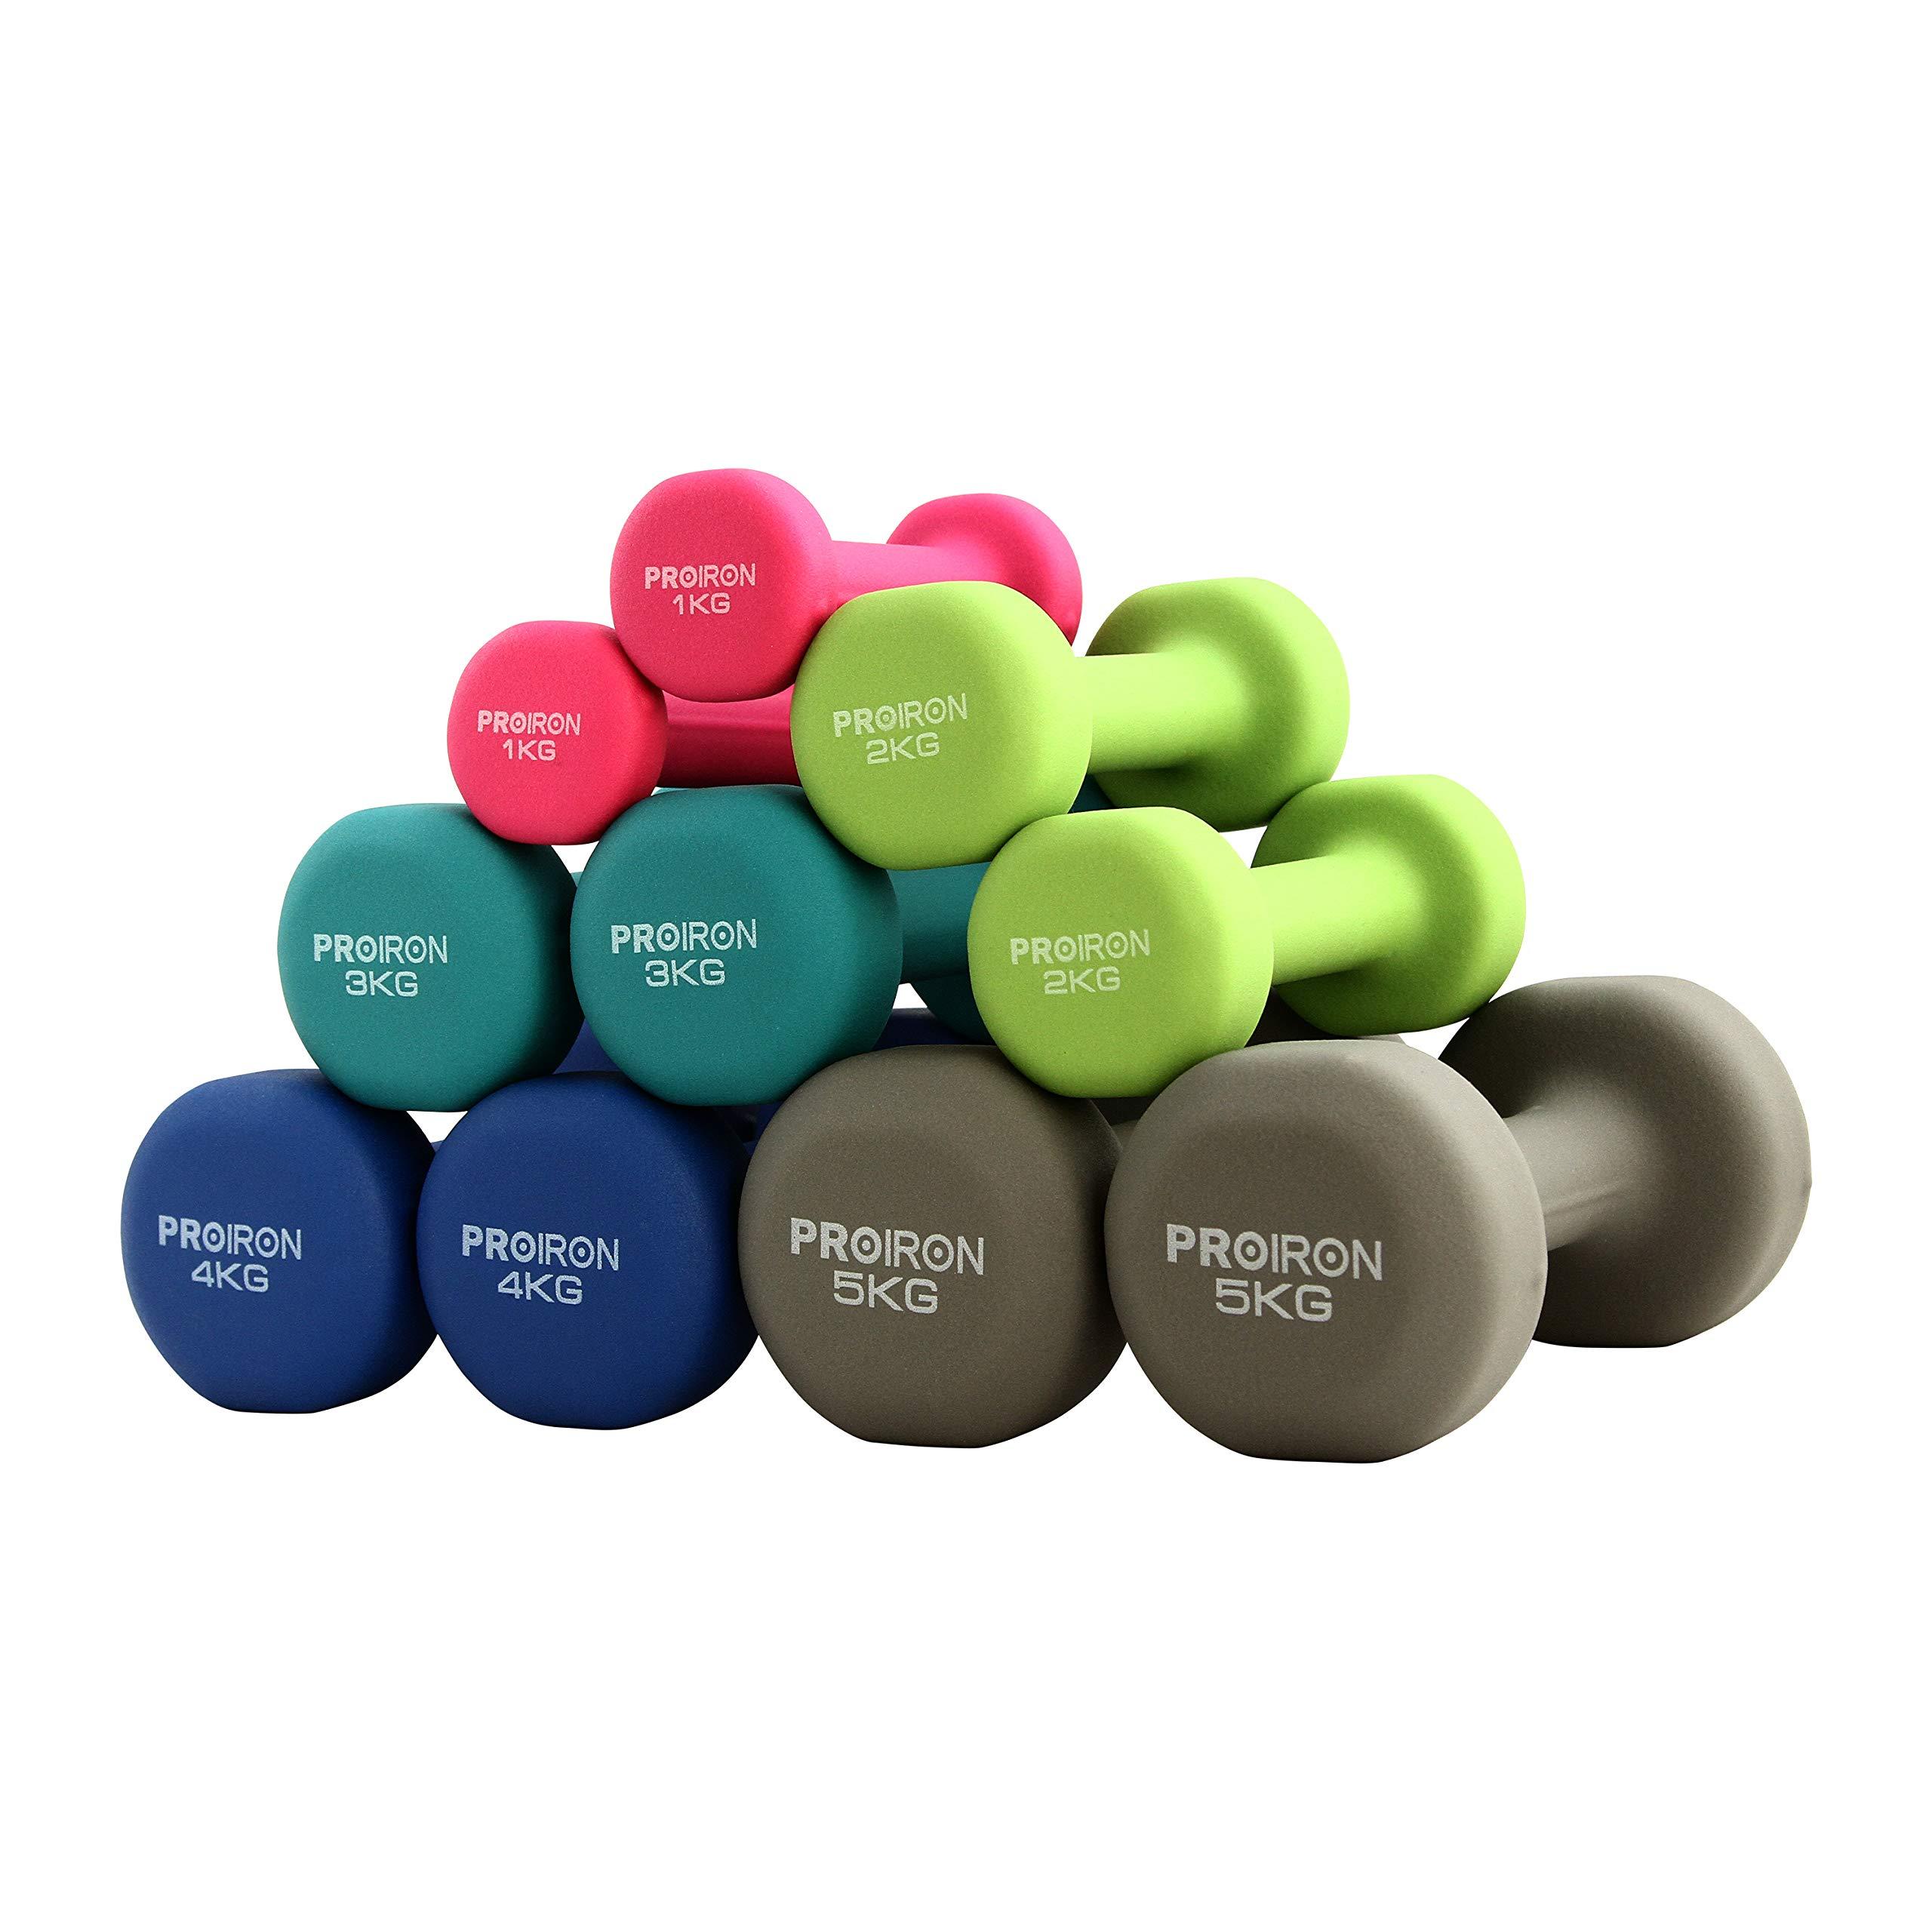 PROIRON Mancuernas de Neopreno -Mancuernas con Revestimiento de Neopreno 2 x 2 kg product image